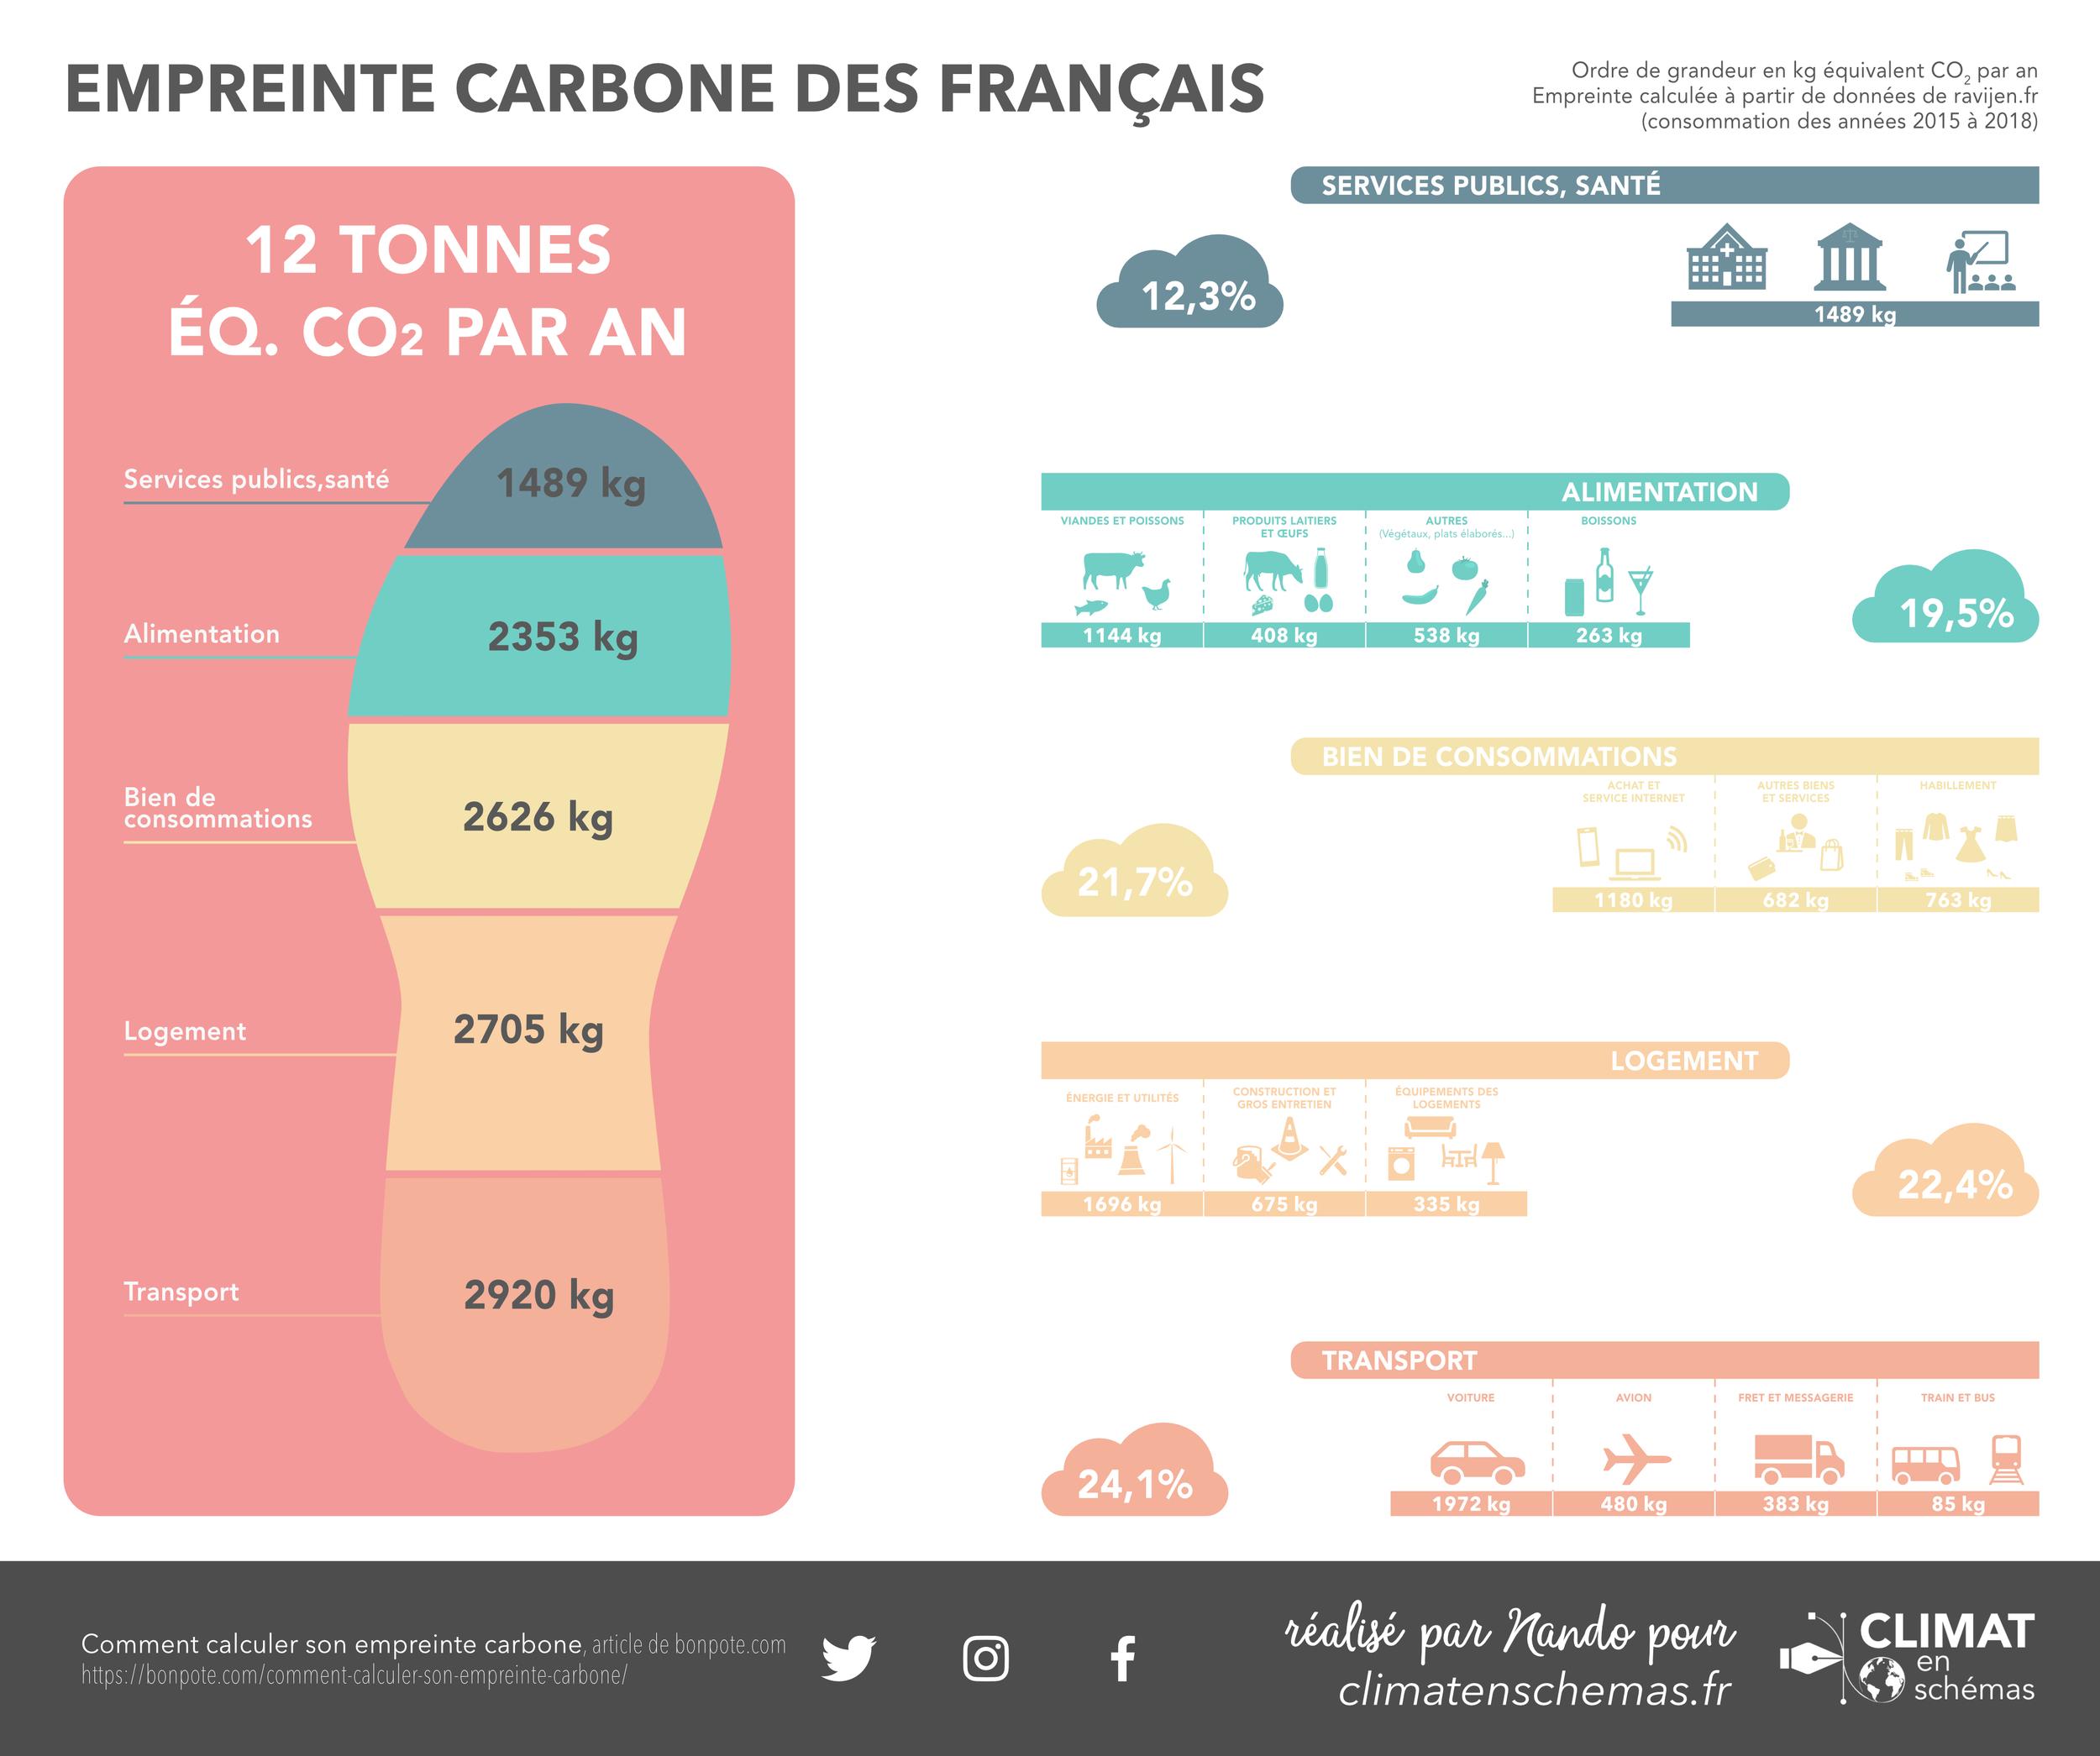 empreinte carbone des francais